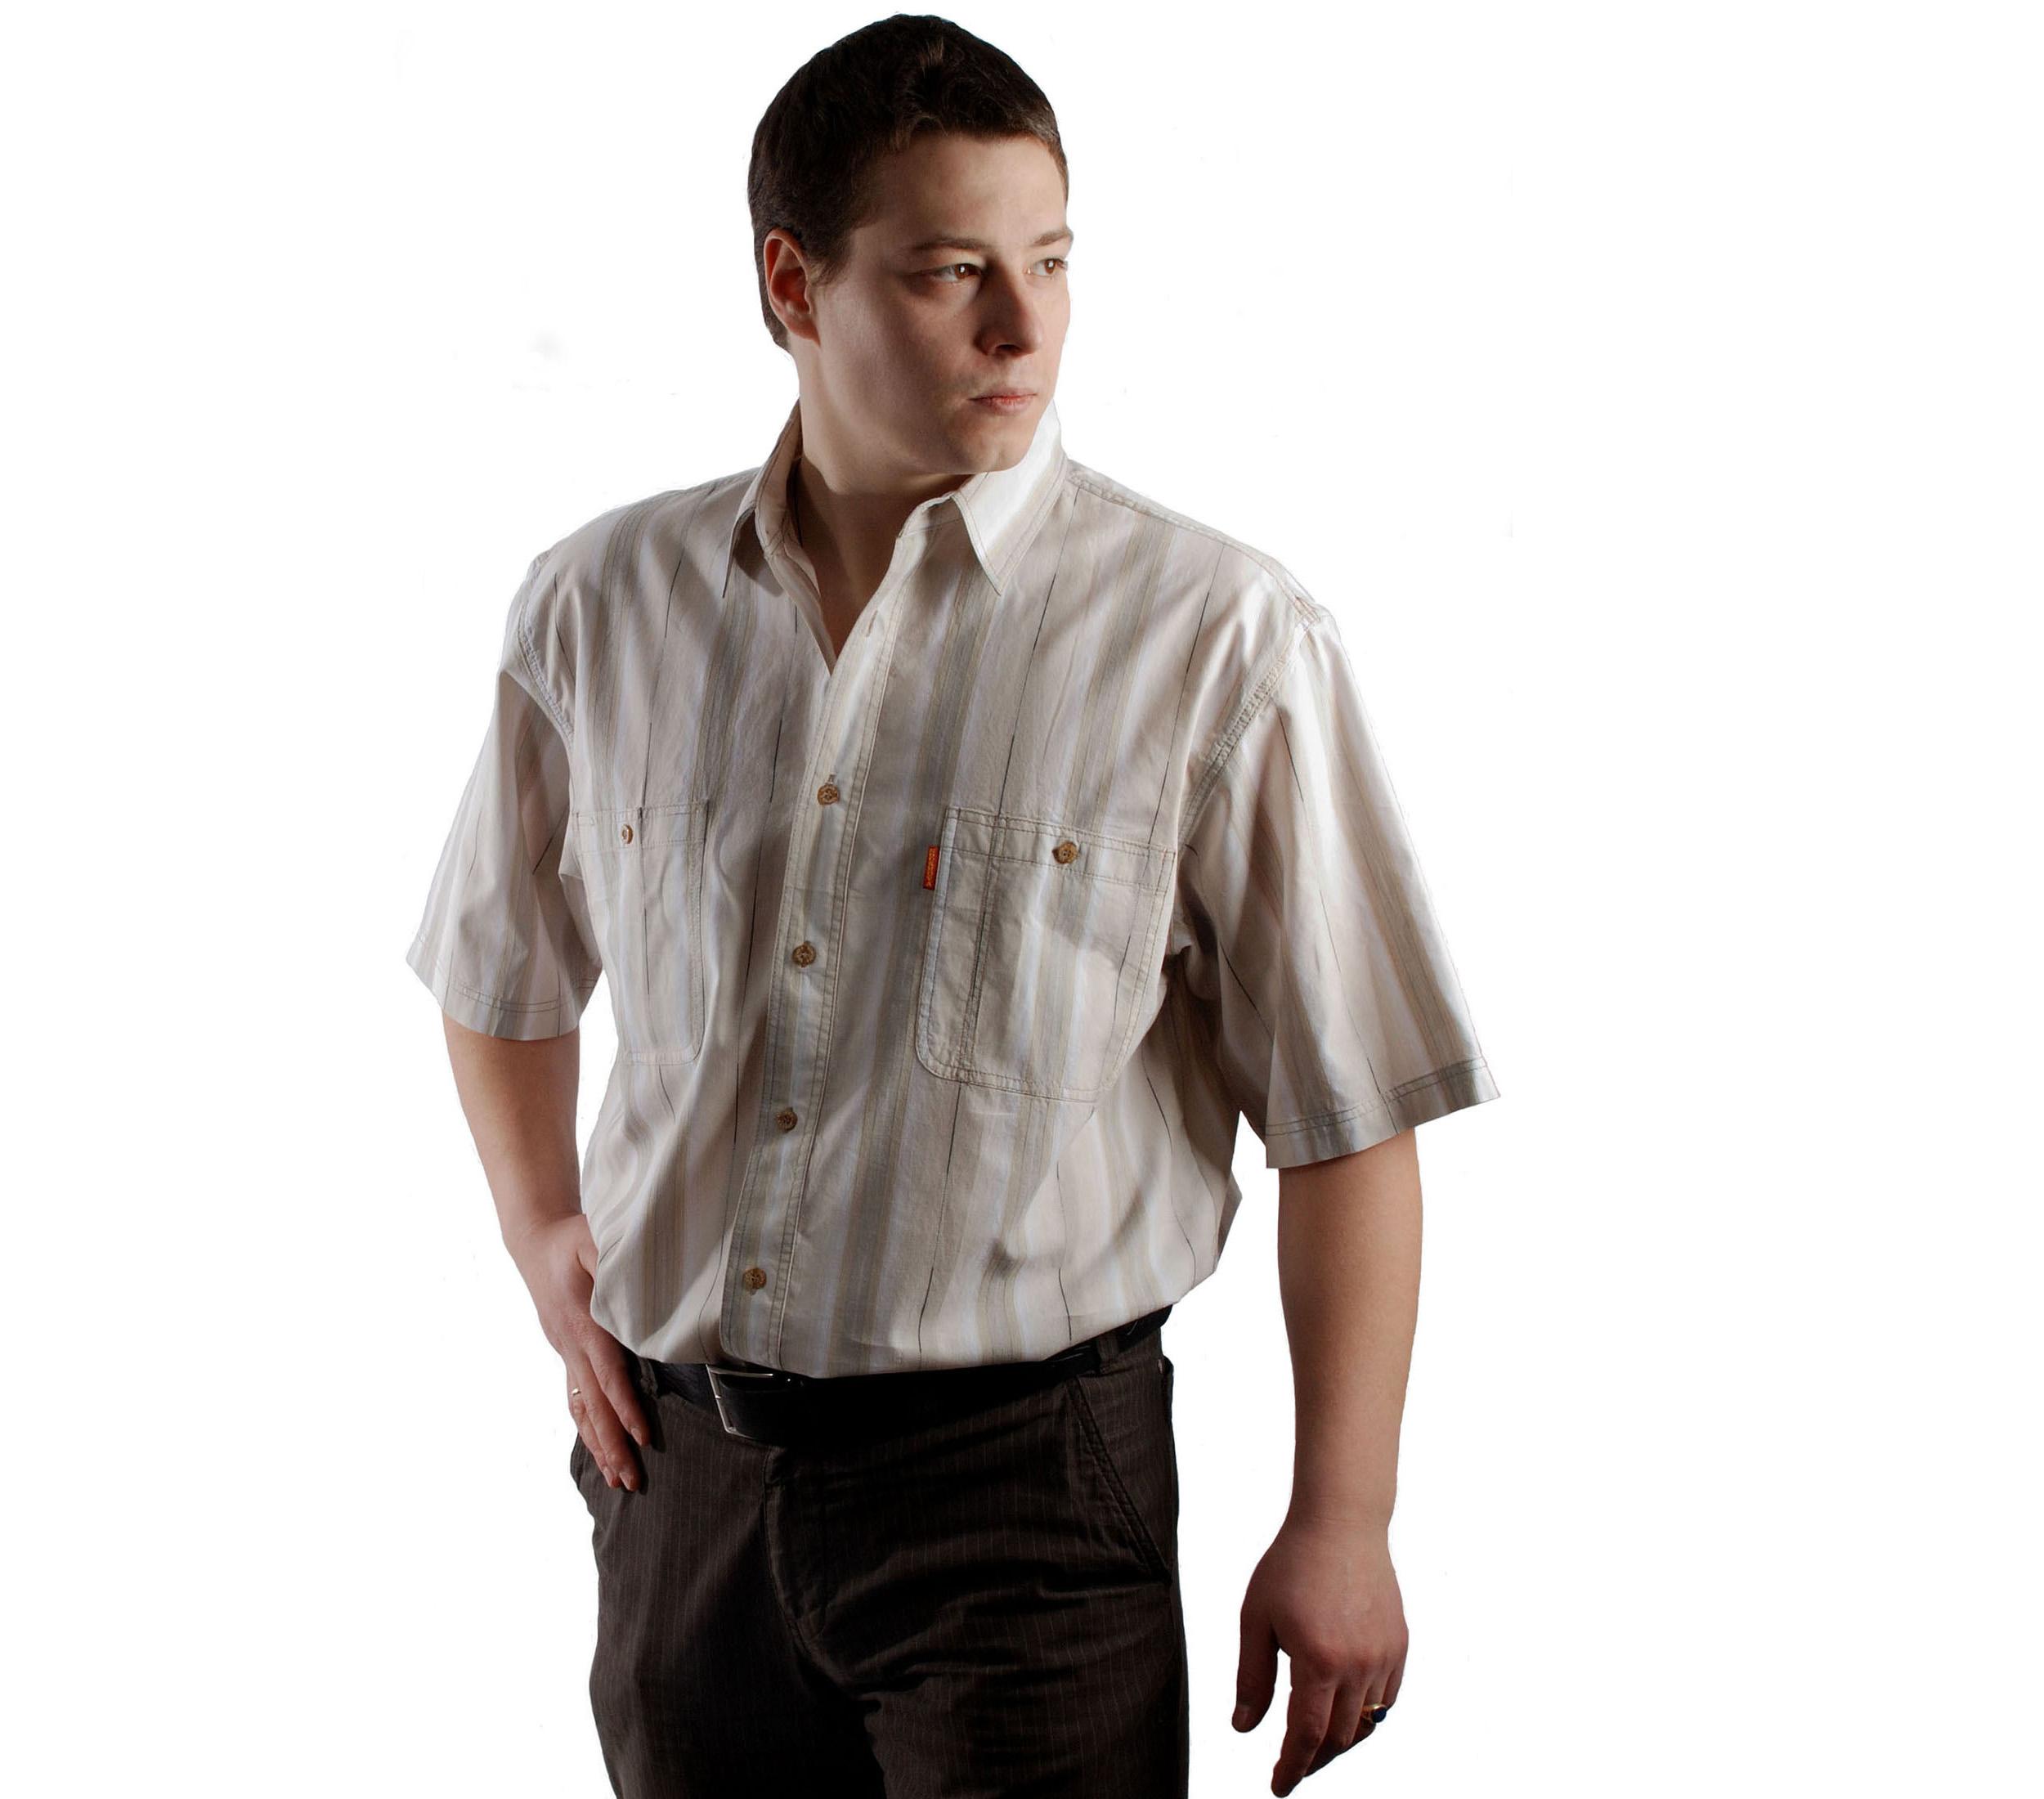 Рубашка короткий рукав в бежевую с серым полосой, с тонкой полоской.